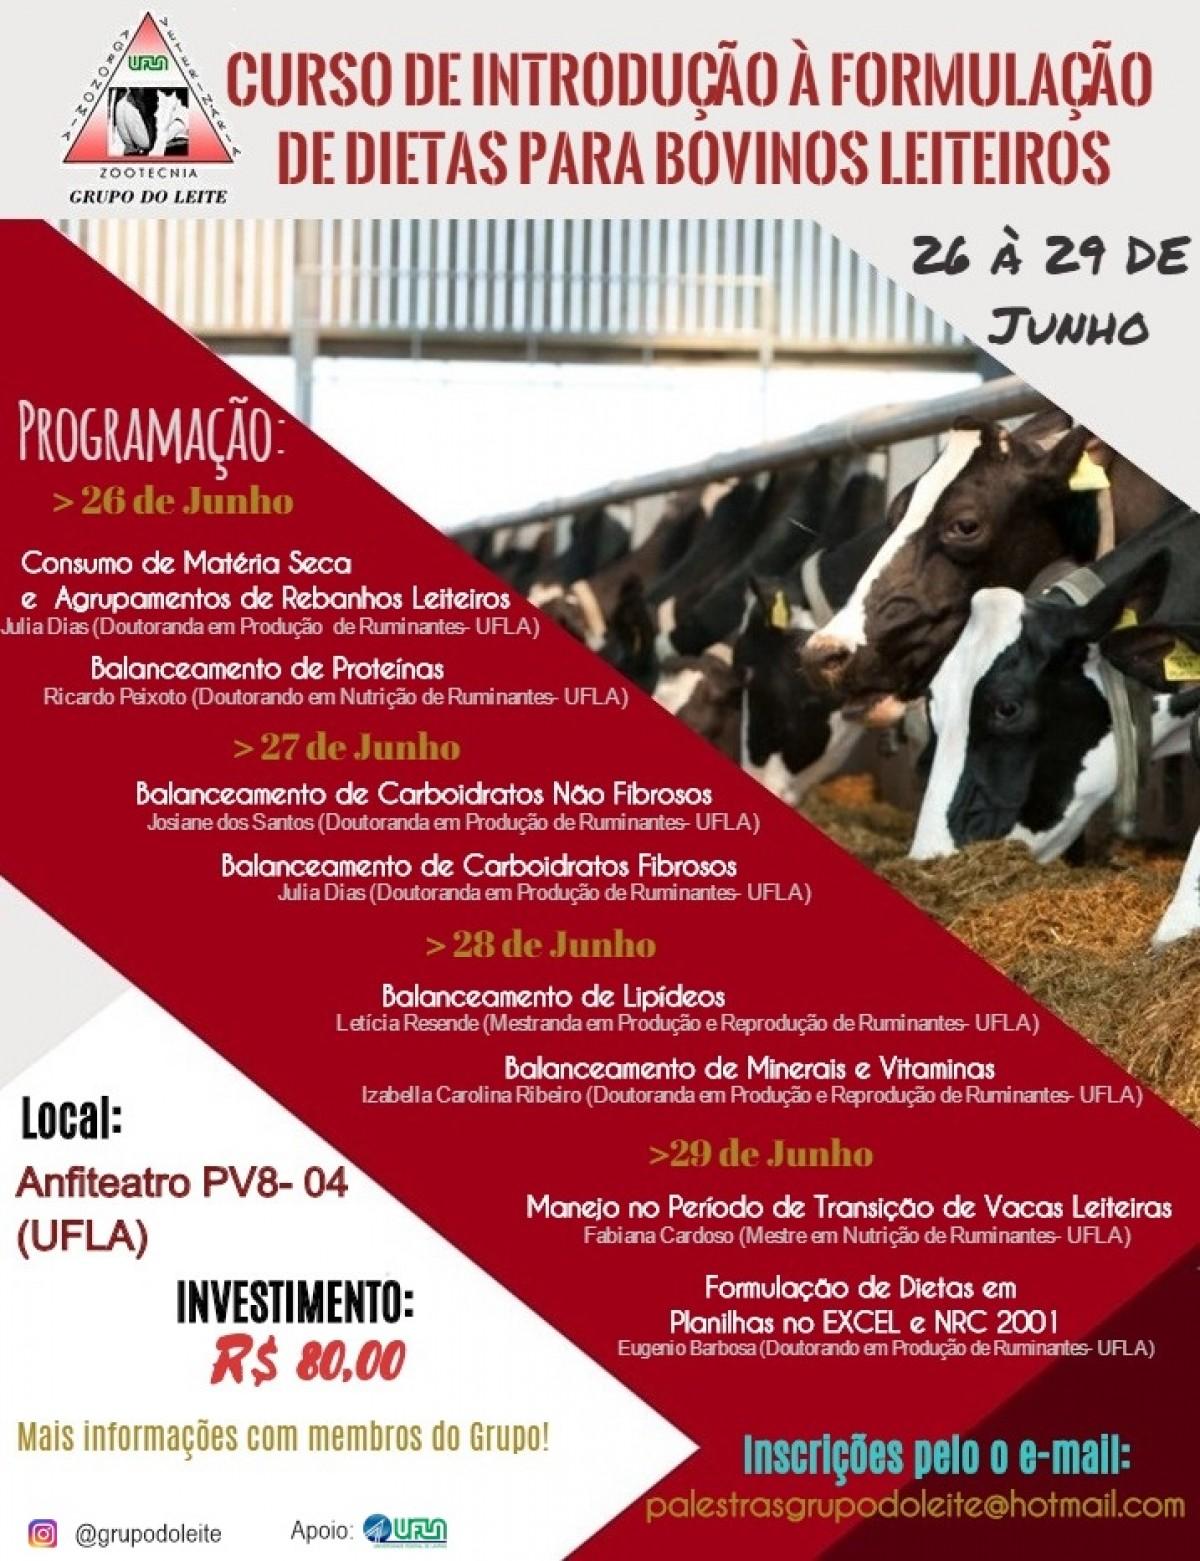 Curso de introdução à formulação de dietas para bovinos leiteiros